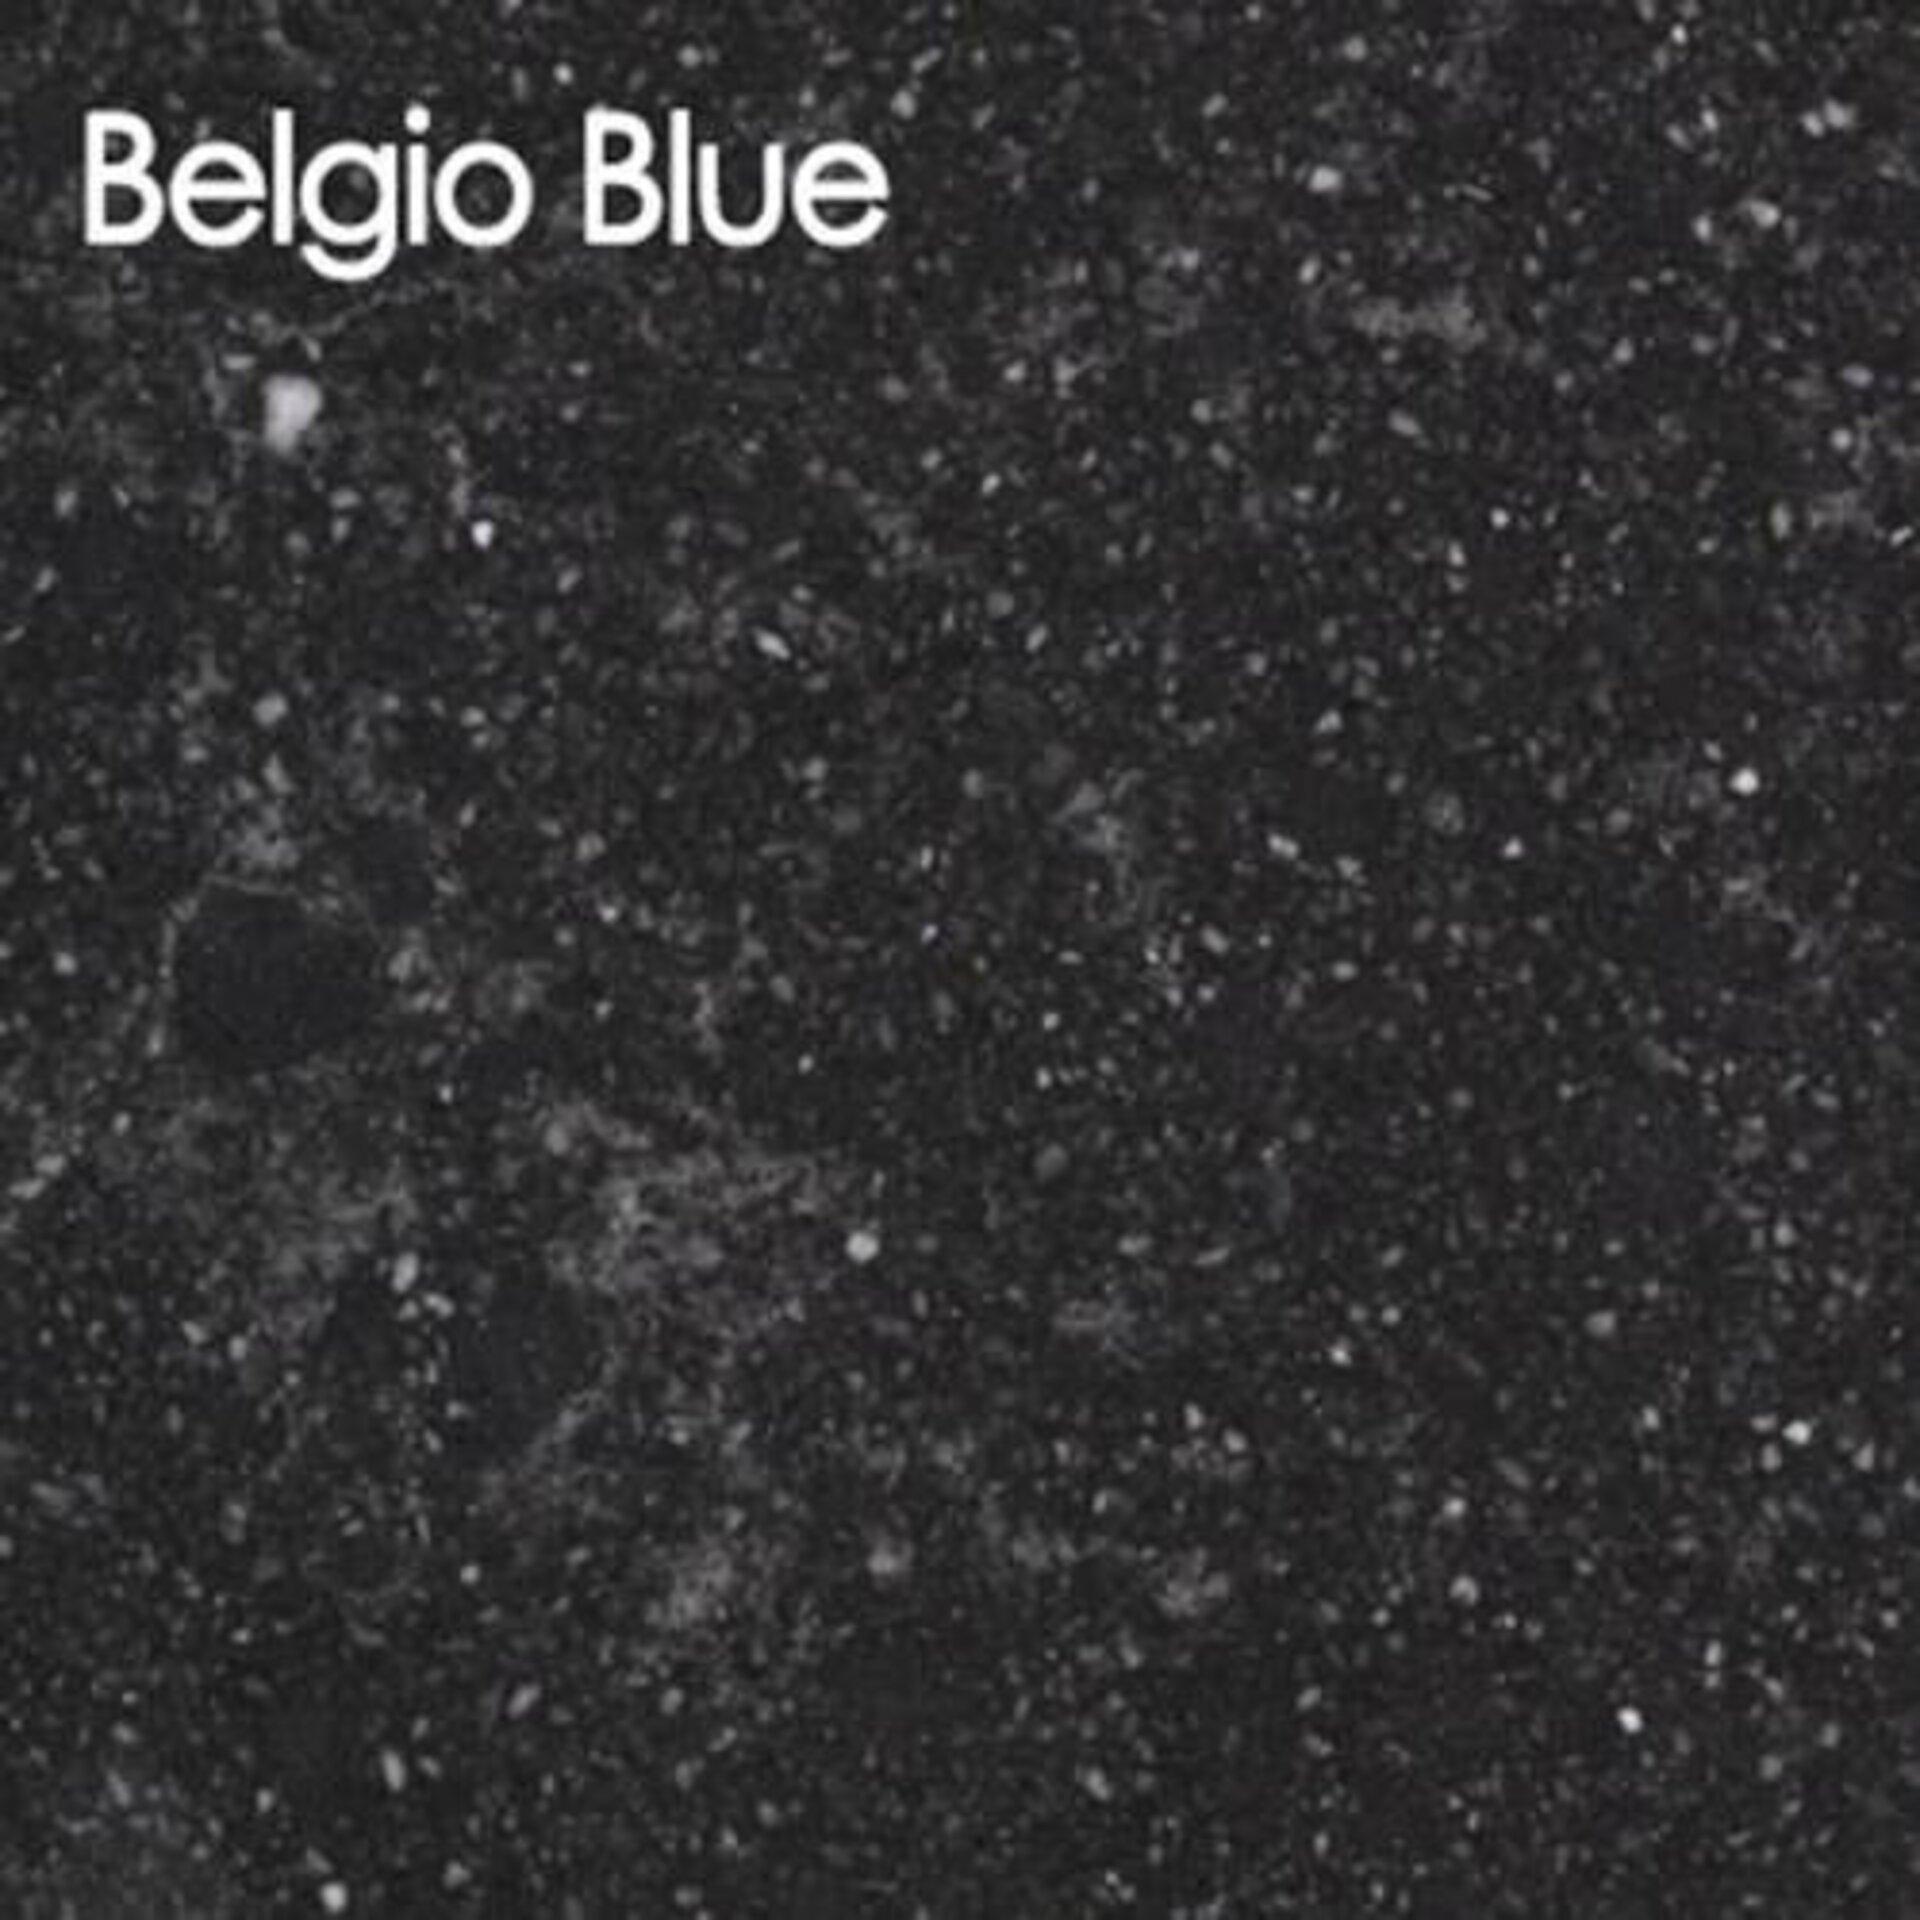 Arbeitsplatte aus Kunststein in der Ausführung Belgio Blue.